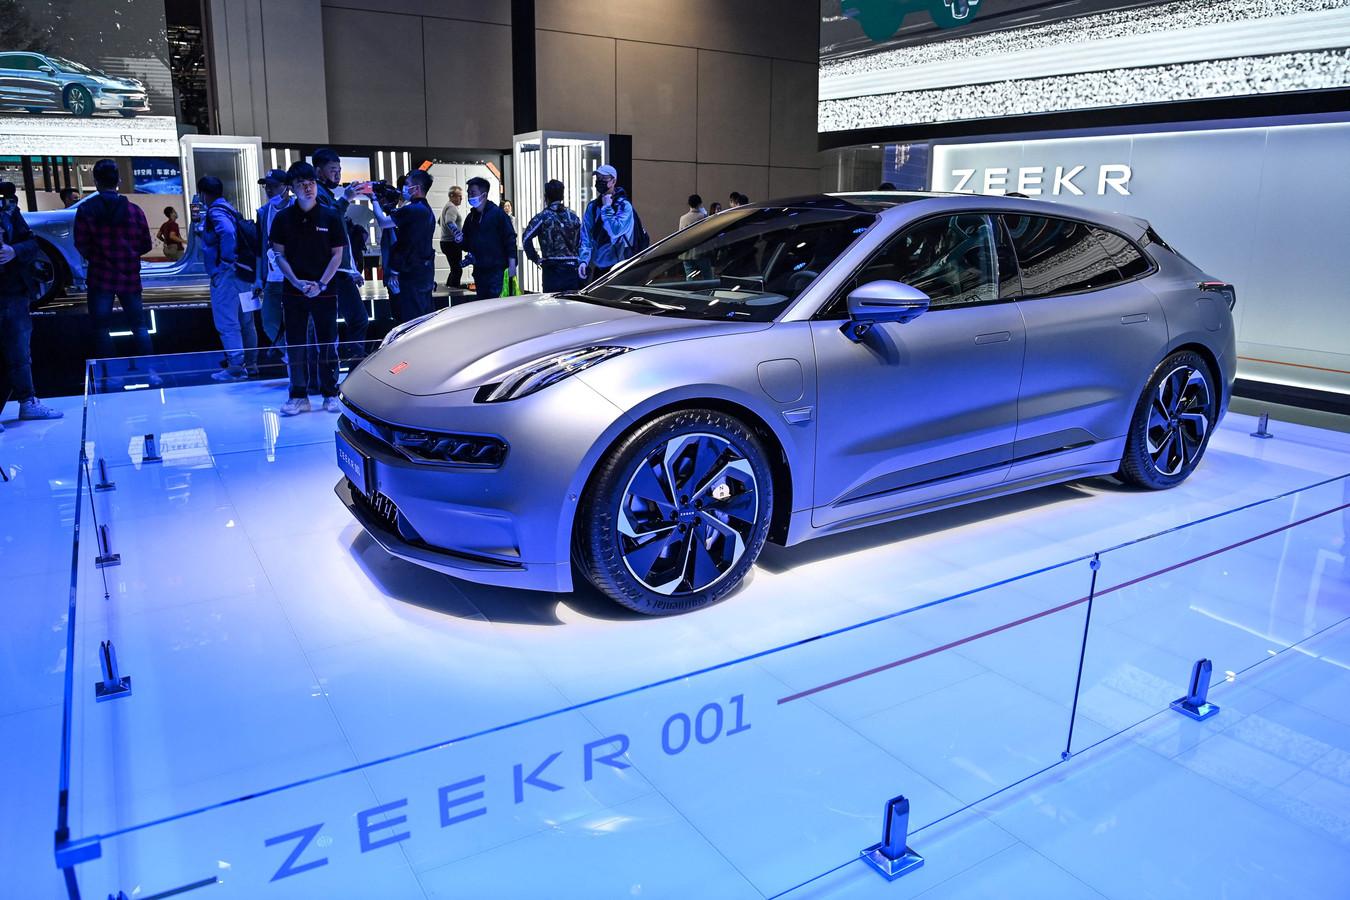 De Zeekr 001: eerste auto van een nieuw Chinees luxemerk dat ook plannen heeft om naar Europa te komen.